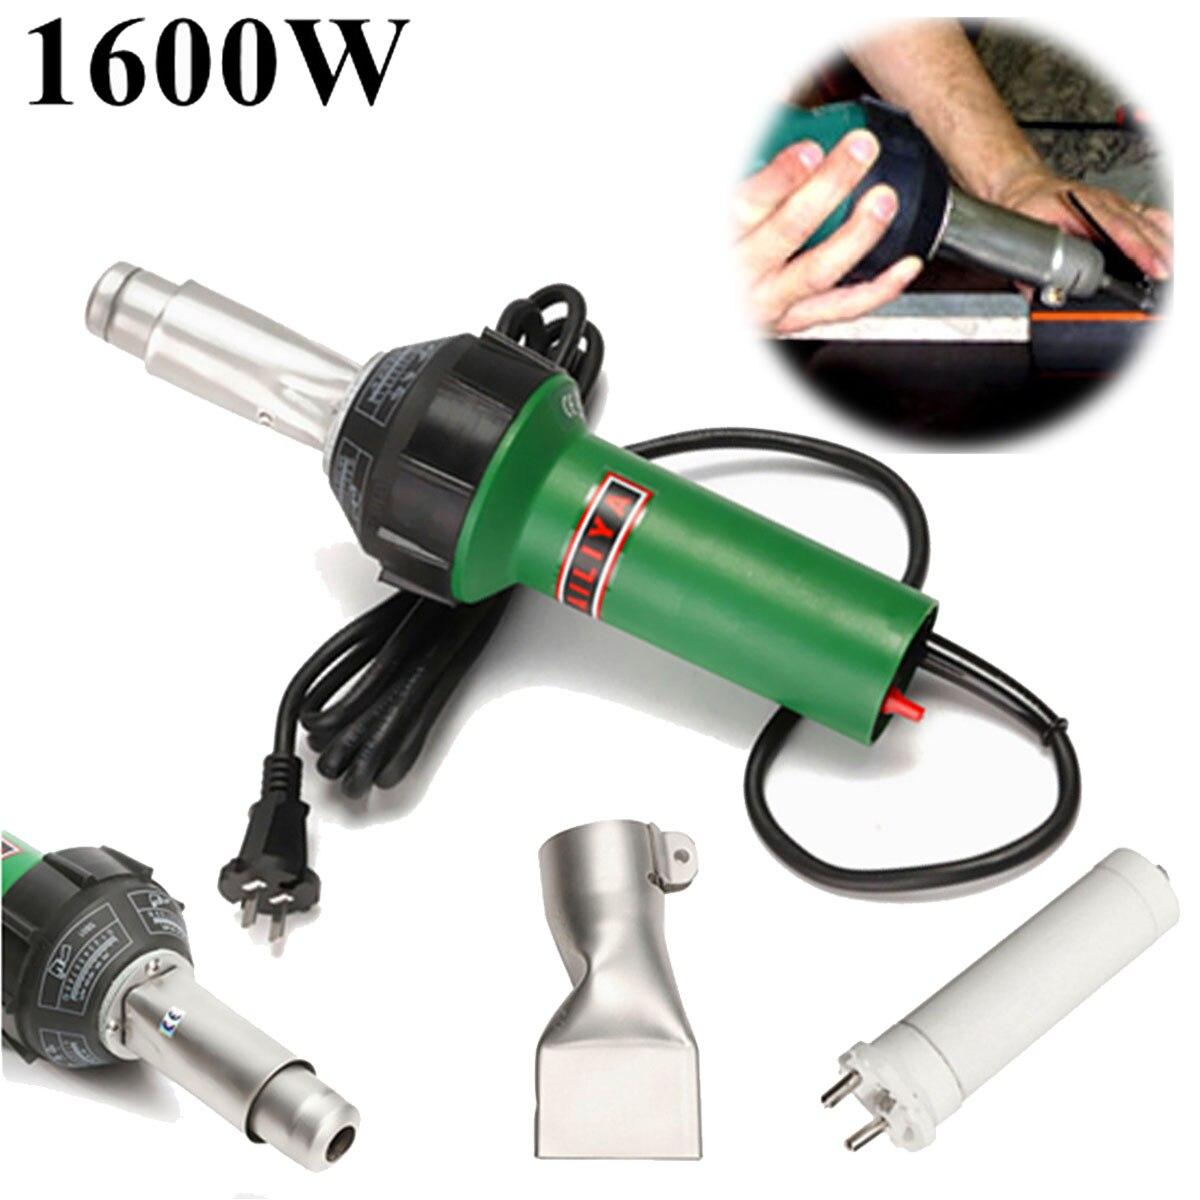 Высокое качество AC 220 В 1600 Вт 50/60 Гц Воздушный Факел Пластик сварки-пистолет для сварщика + плоский нос цена оптовой продажи